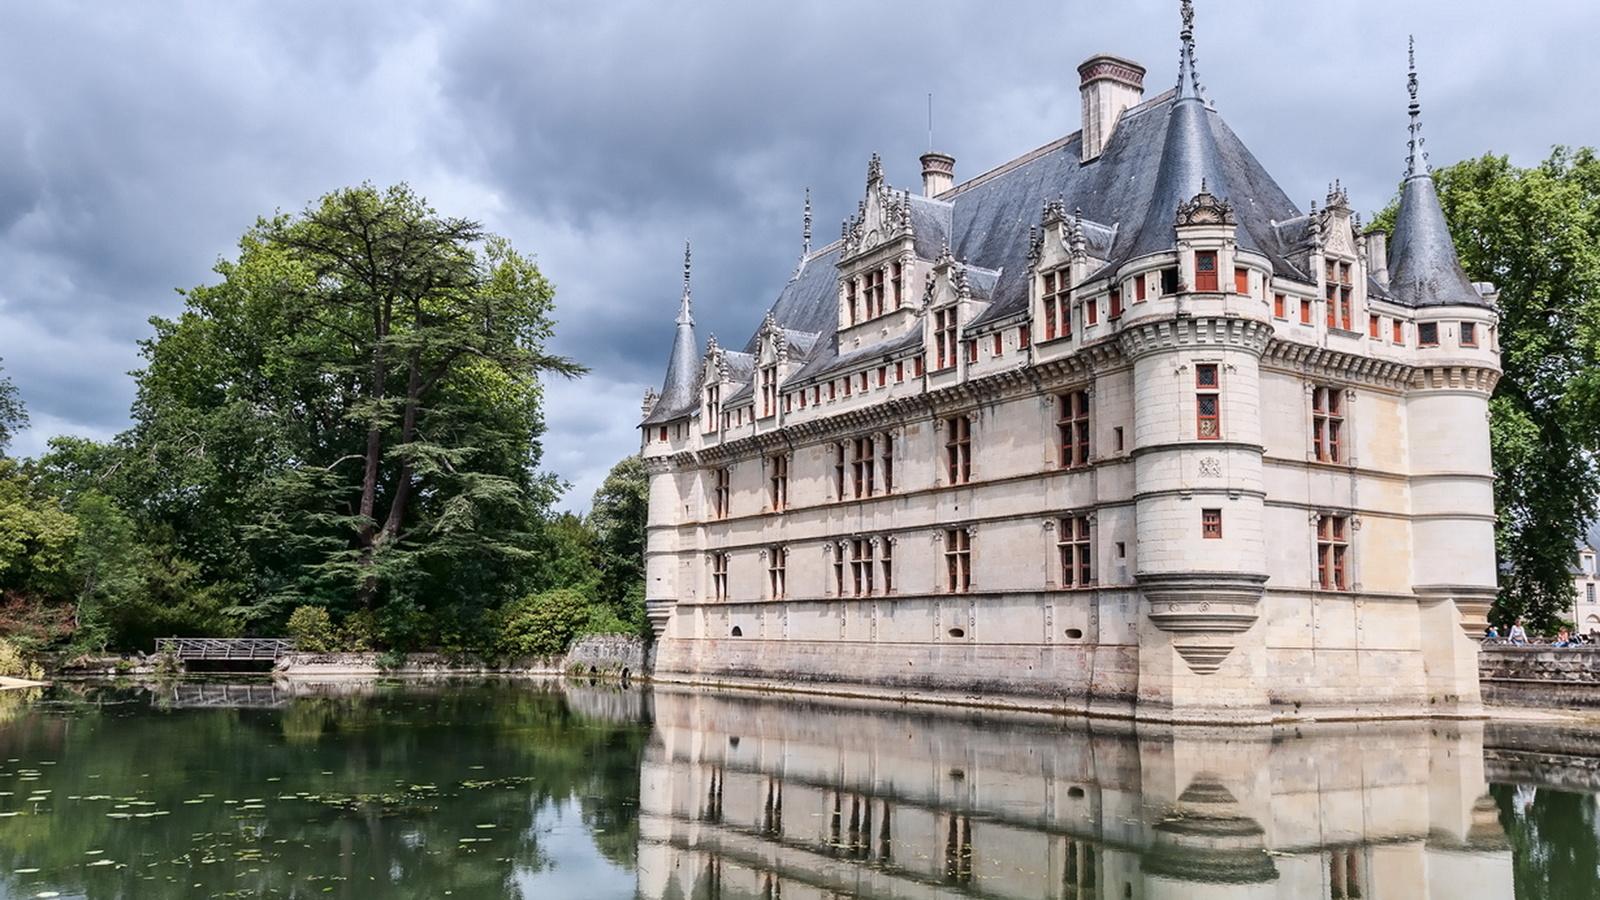 франция, замок, замки франции, озеро, деревья, отражение, красота, замки мира,, небо,облака